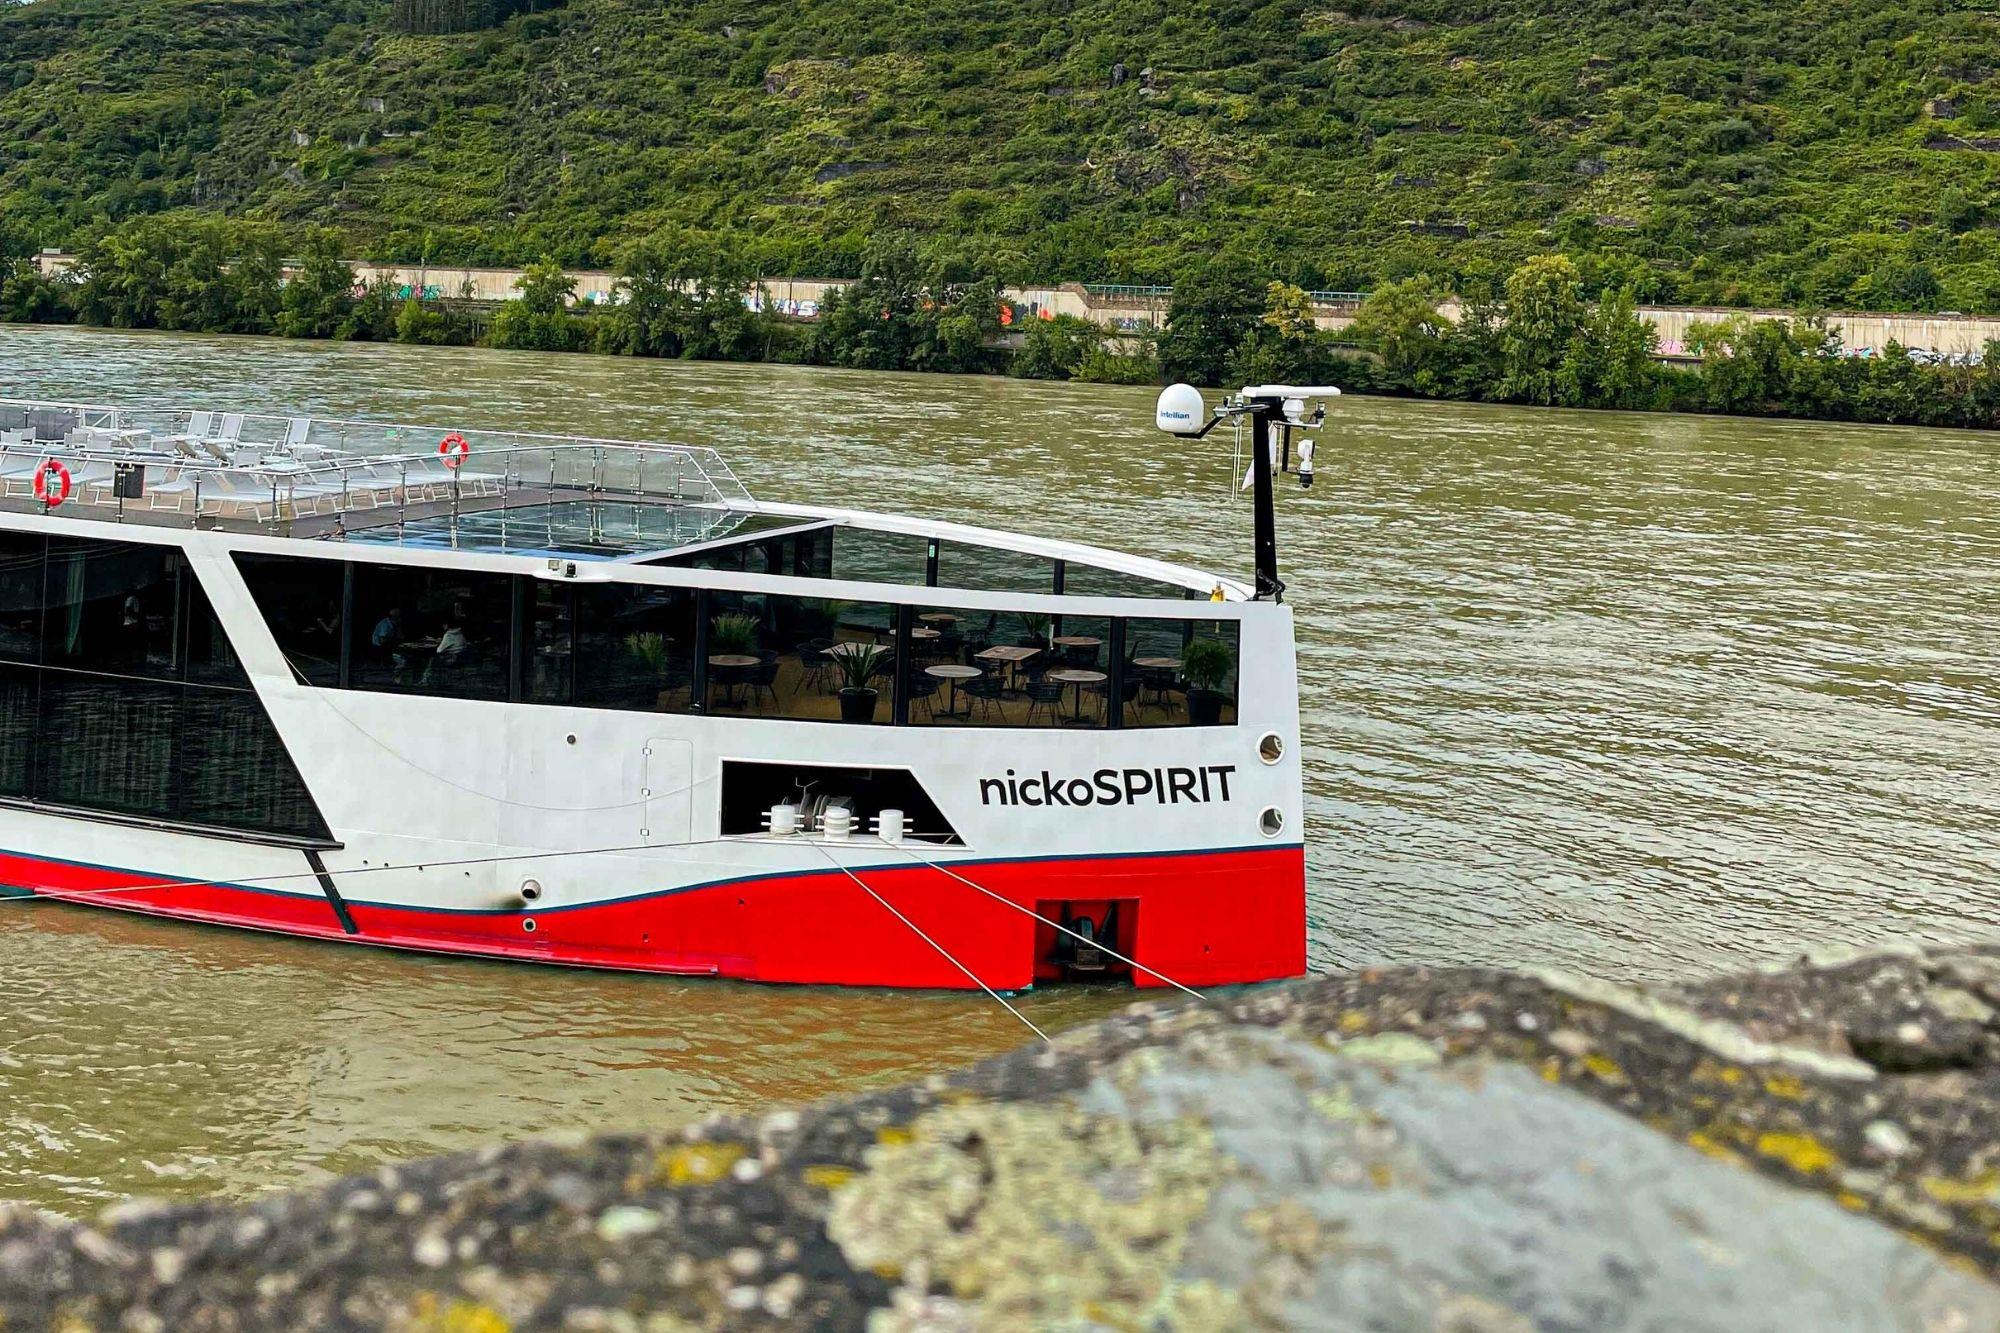 nickoSPIRIT Reisebericht Teil 4: Koblenz, Sayn & Fackelwanderung in Andernach